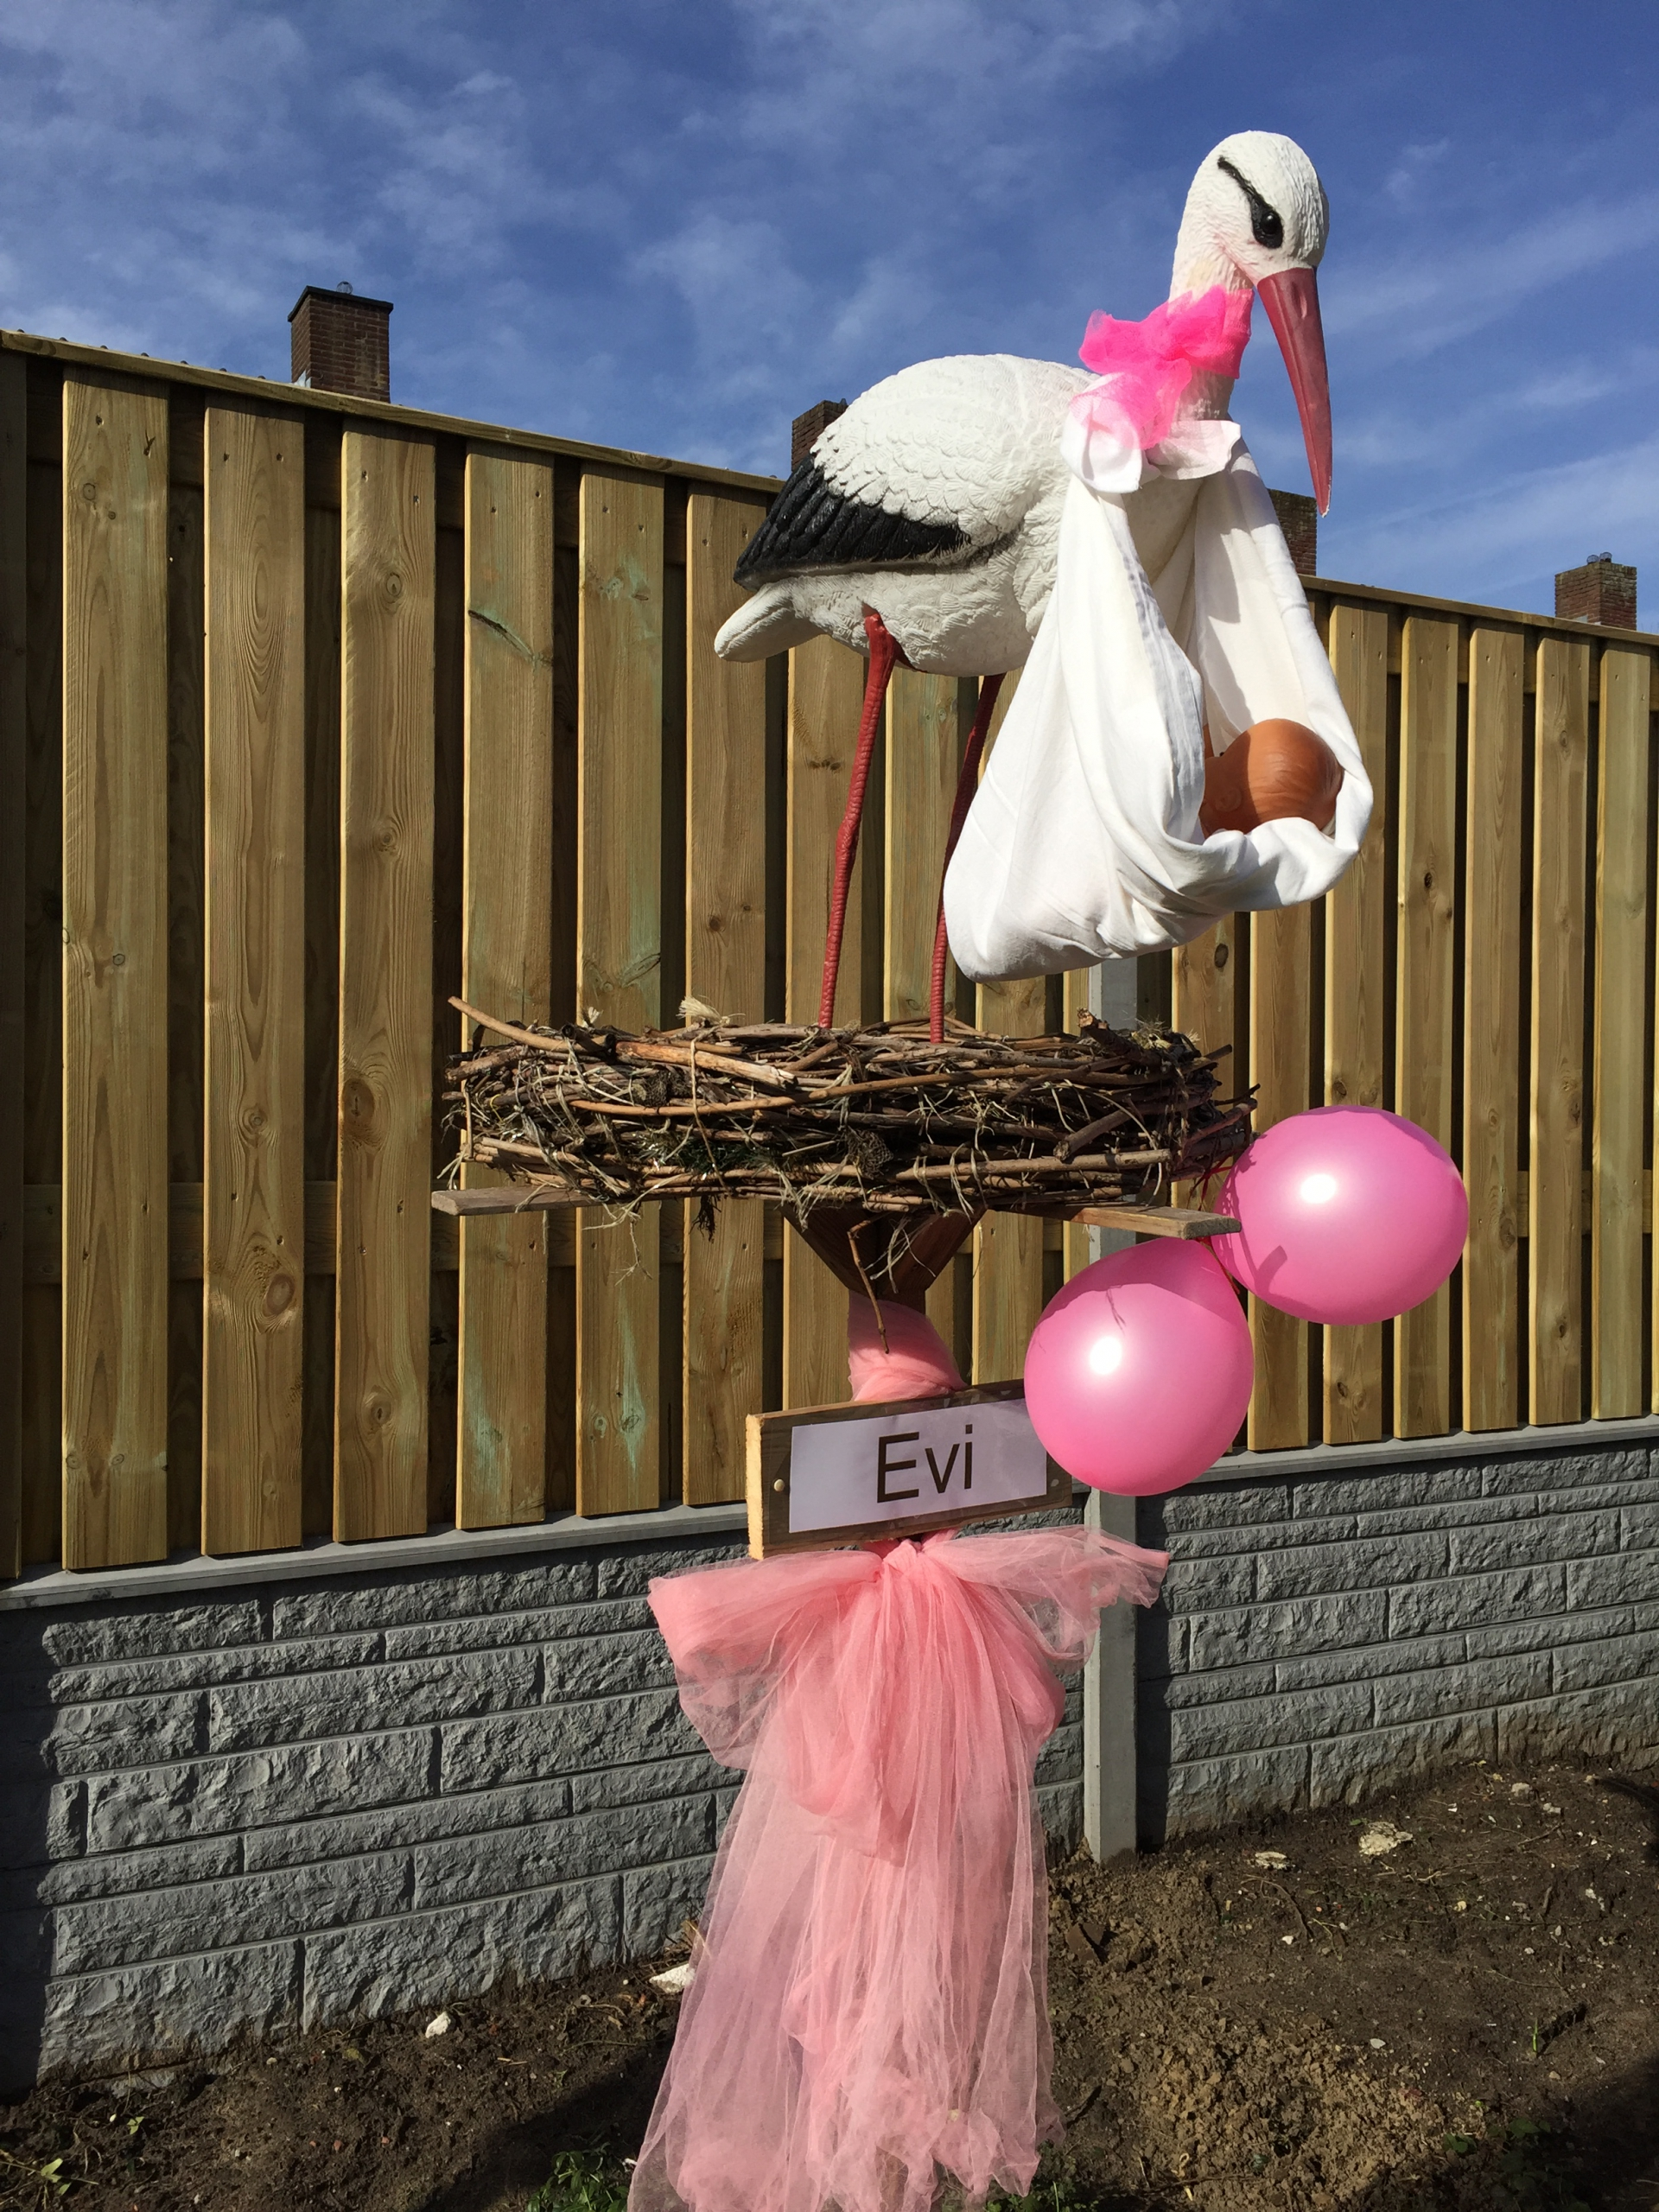 #18 2 R Ooievaar op nest, hangende baby, tule strik, 2 ballonnen